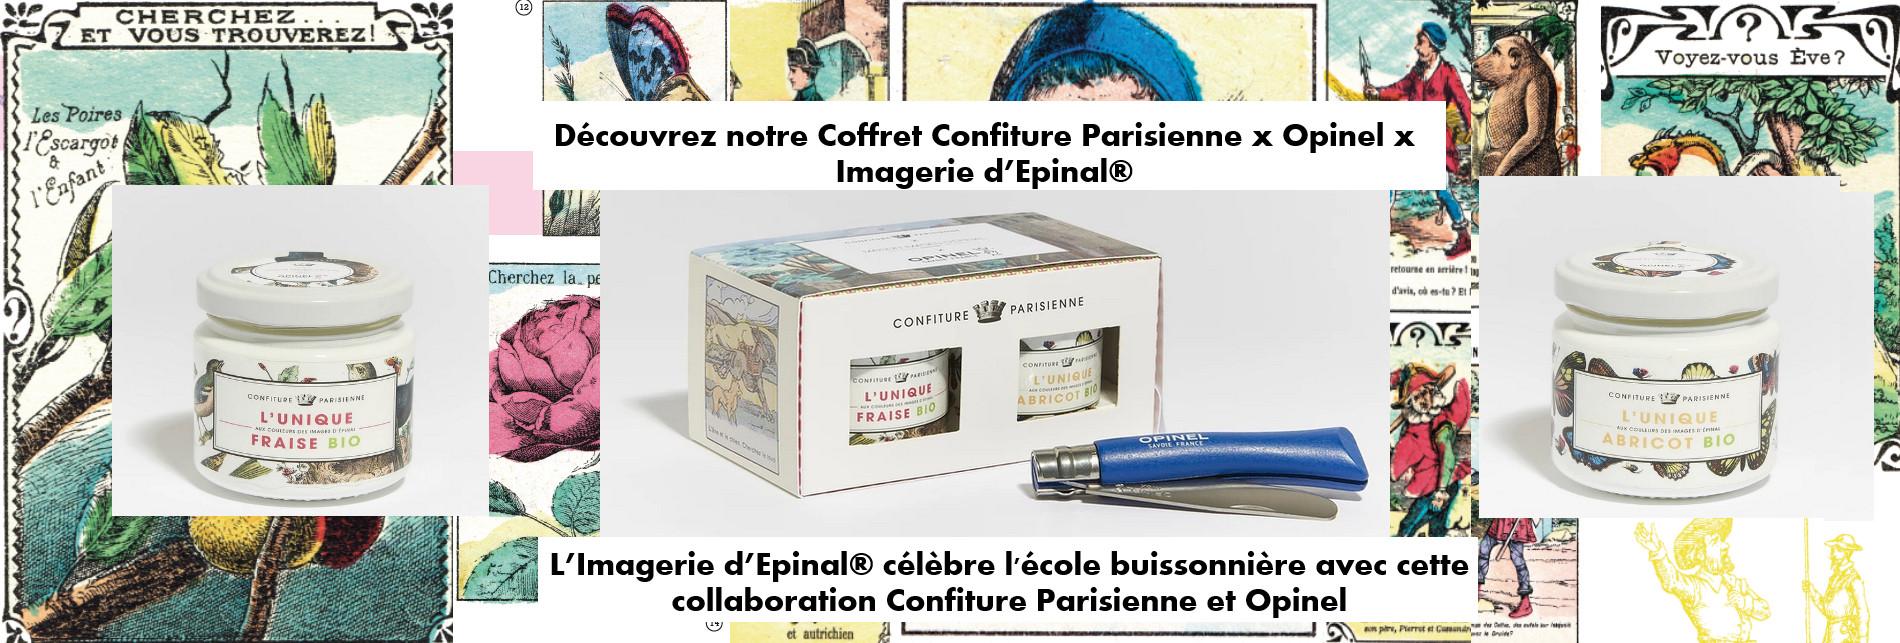 coffret Confiture parisienne Opinel Image d'Epinal